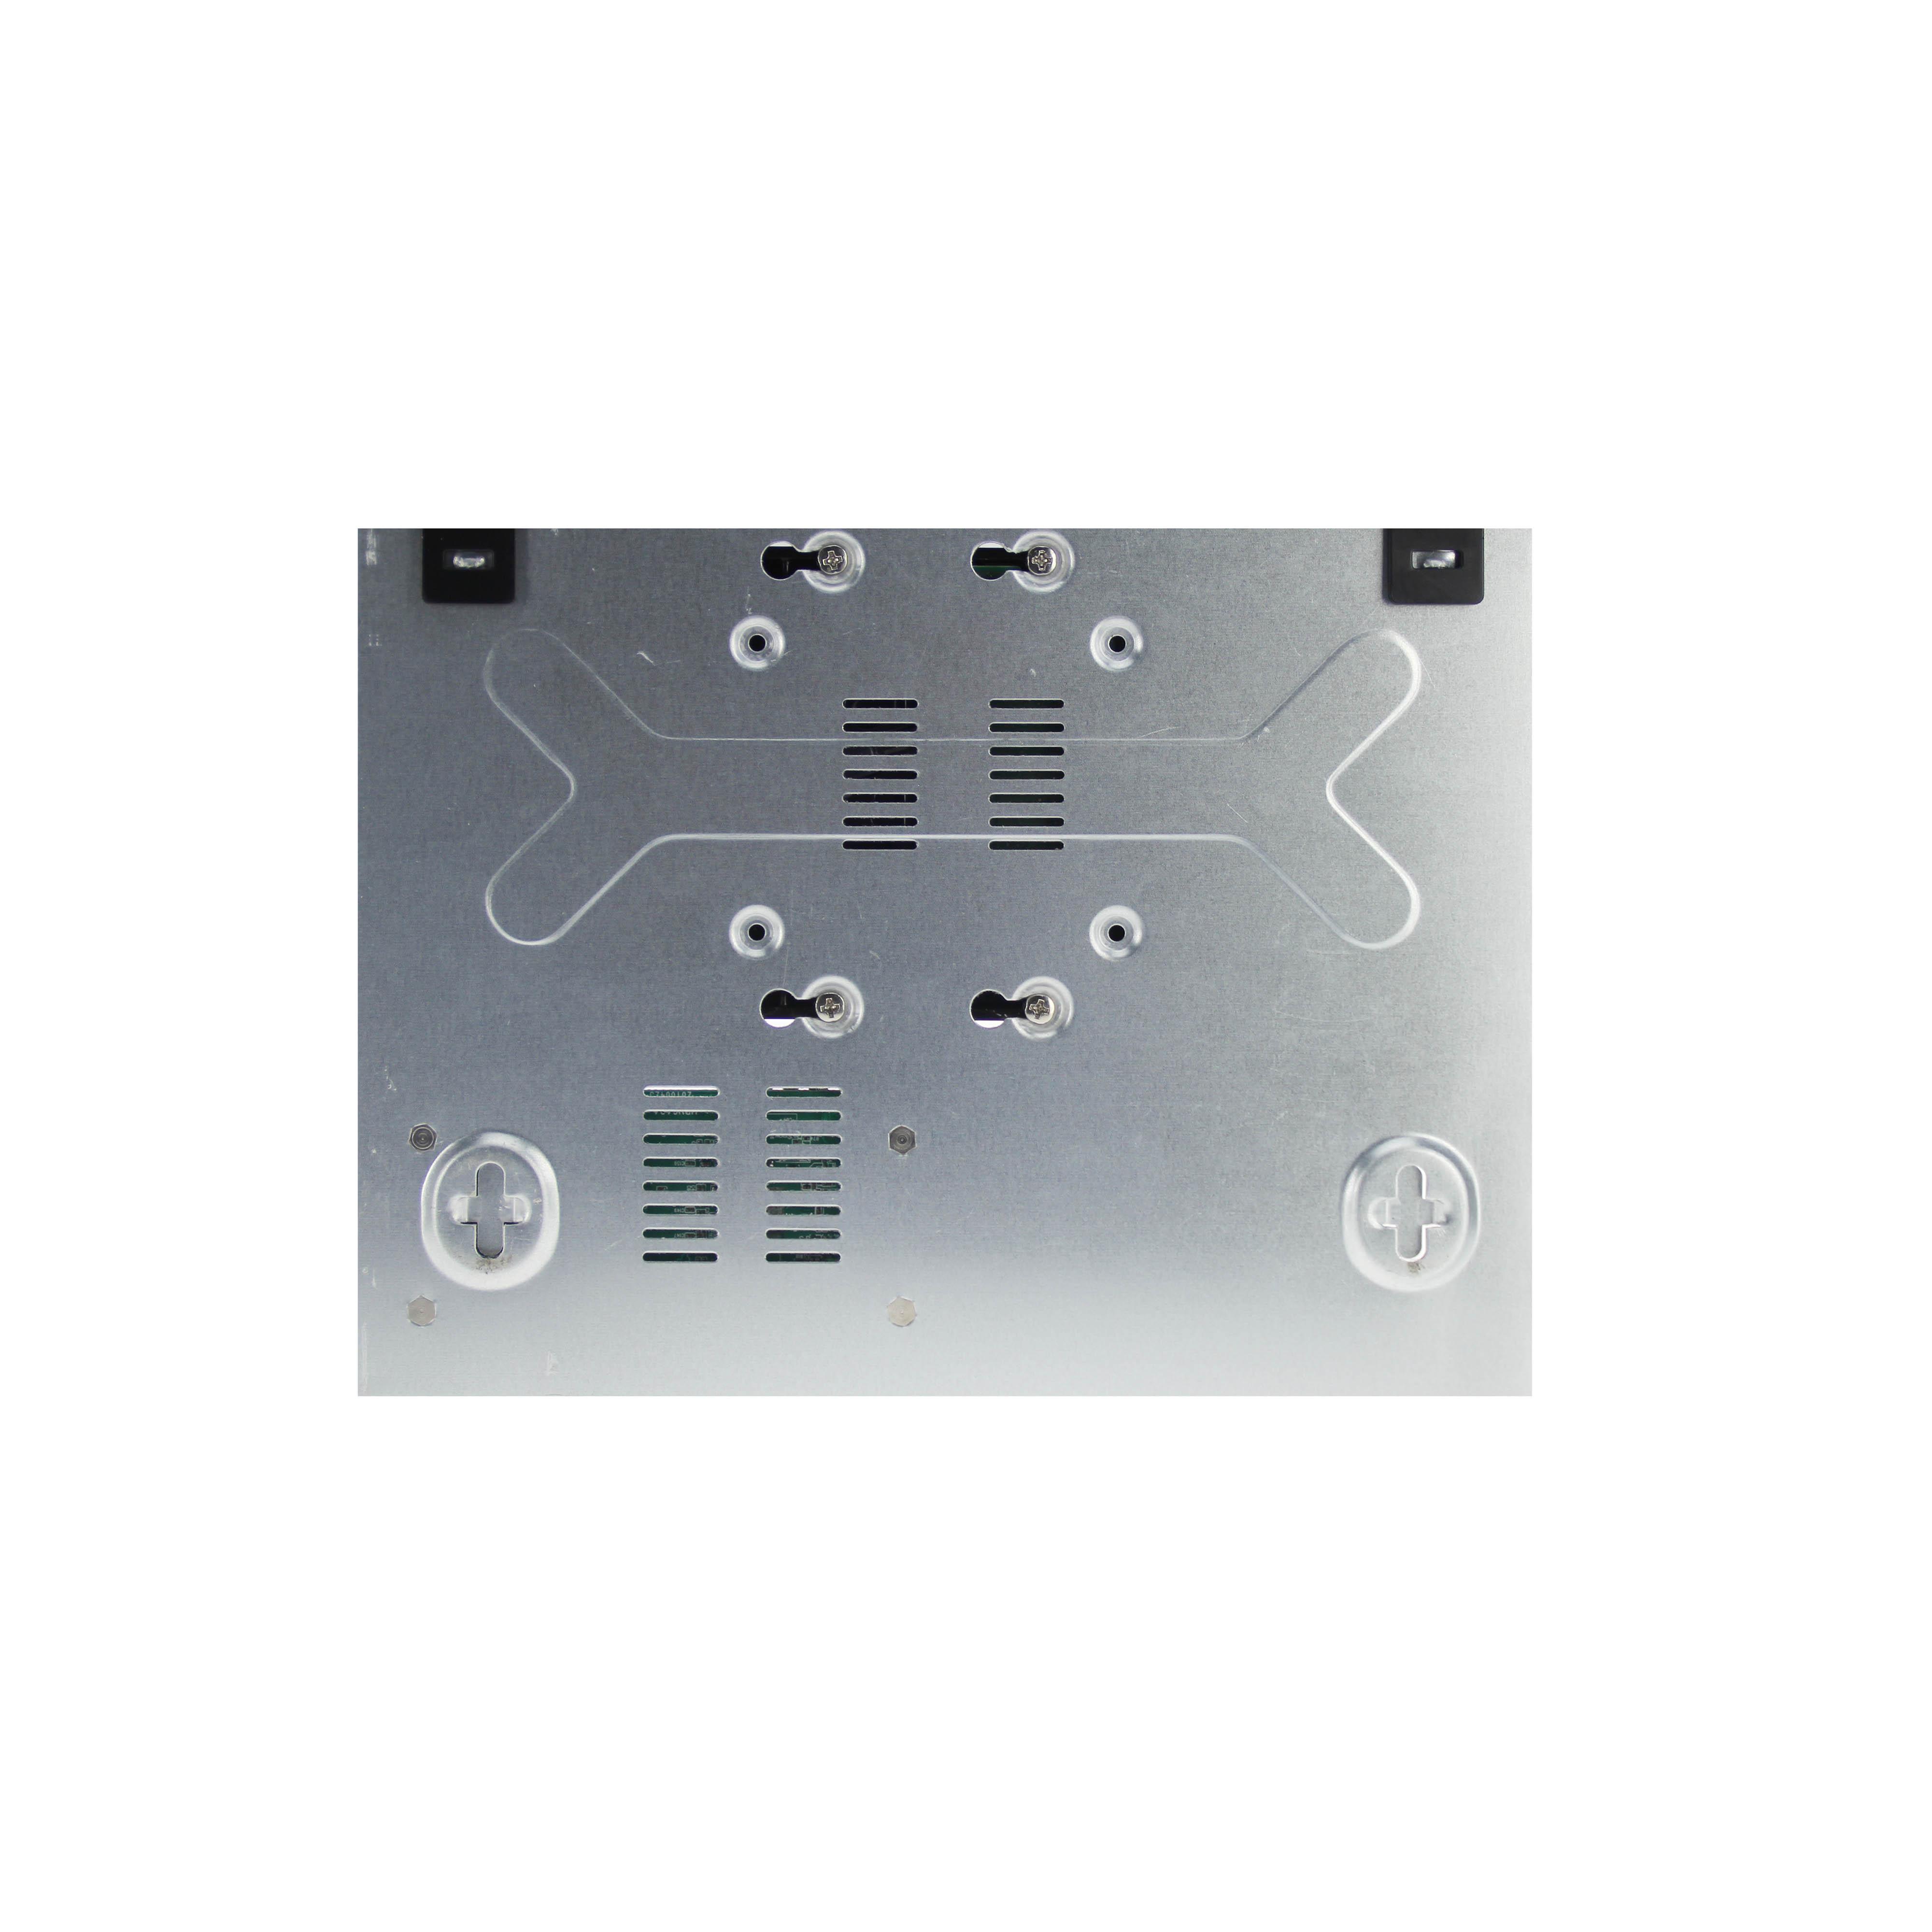 Видеорегистратор ORIENT NVR-8309/2M Wi-Fi беспроводной 9-канальный сетевой регистратор для IP камер (WiFi / проводных) 9 x 1080p/960p/720p @25fps Hi